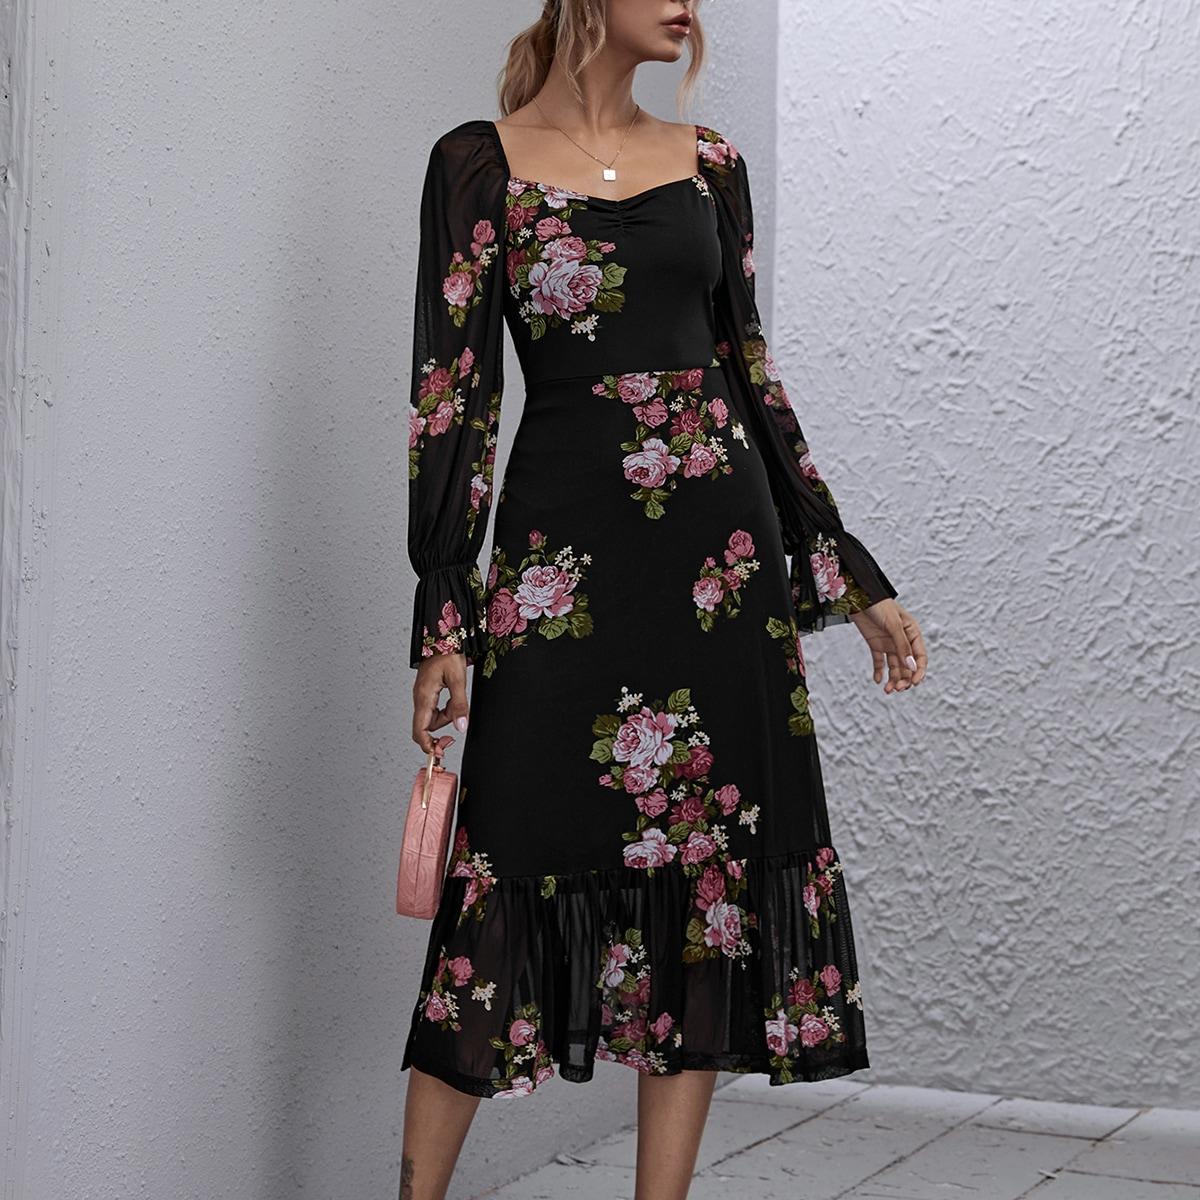 Сетчатое платье с цветочным принтом и квадратным воротником